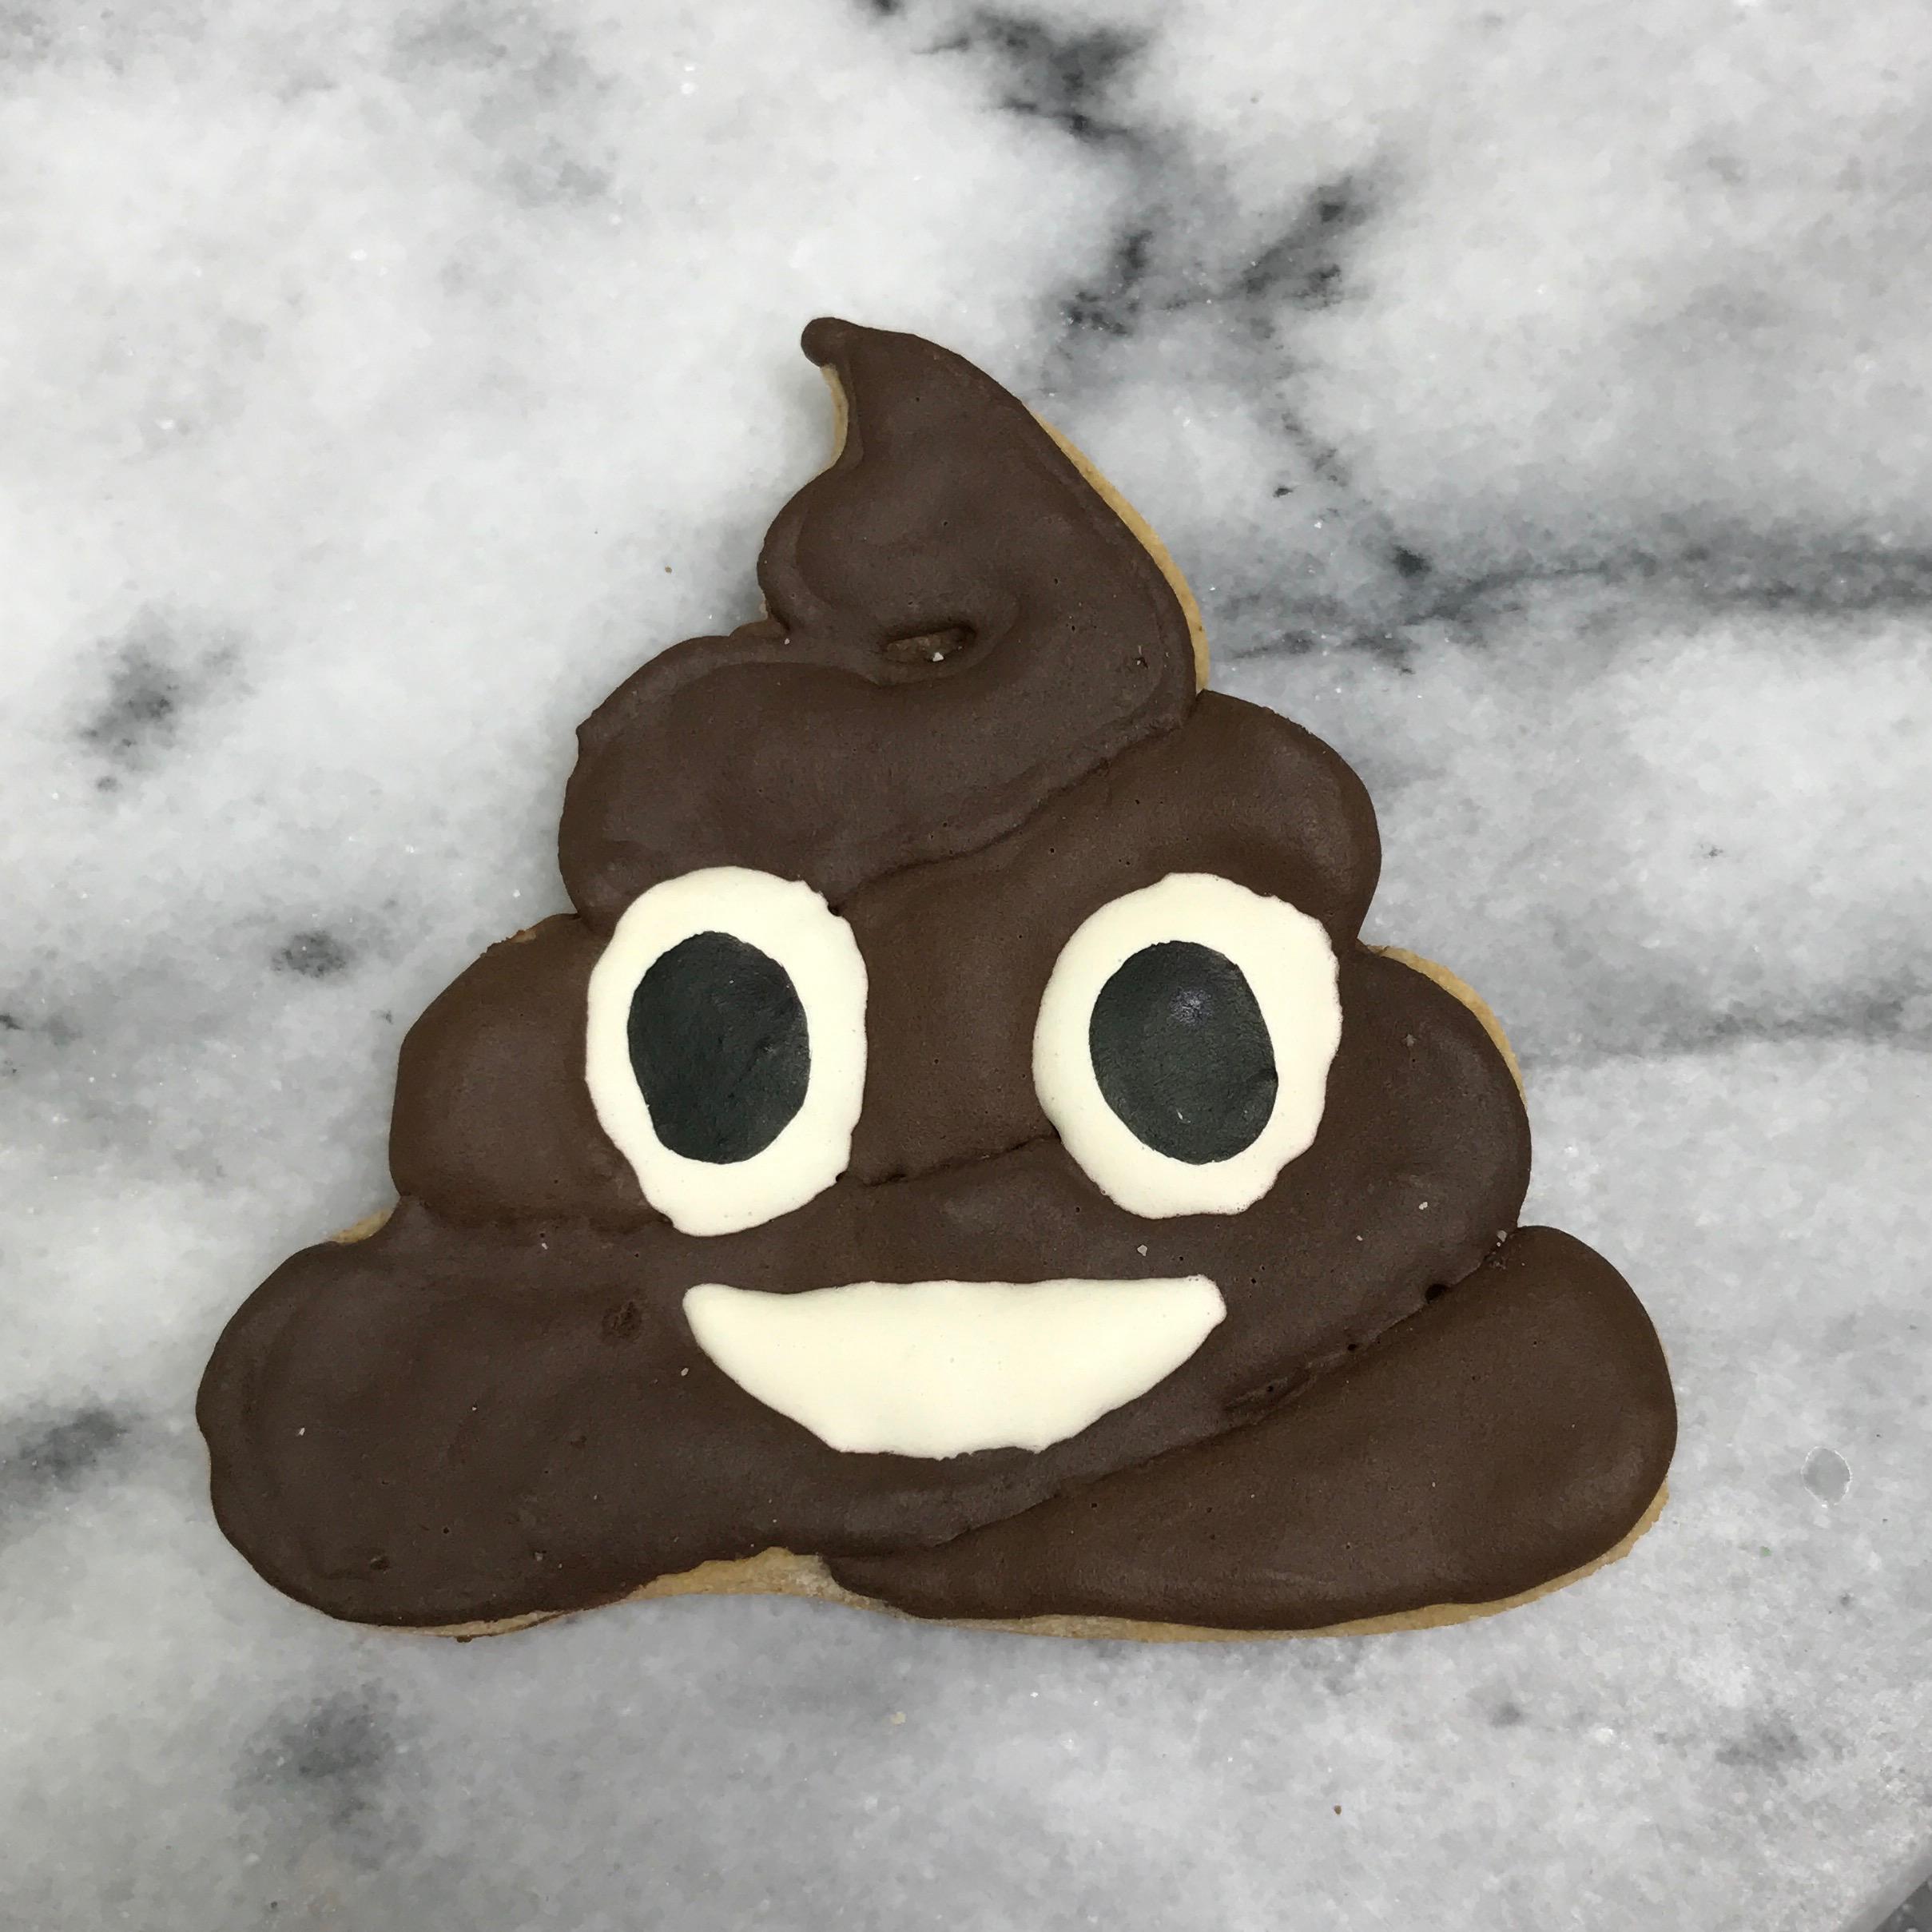 poop emoji.jpg